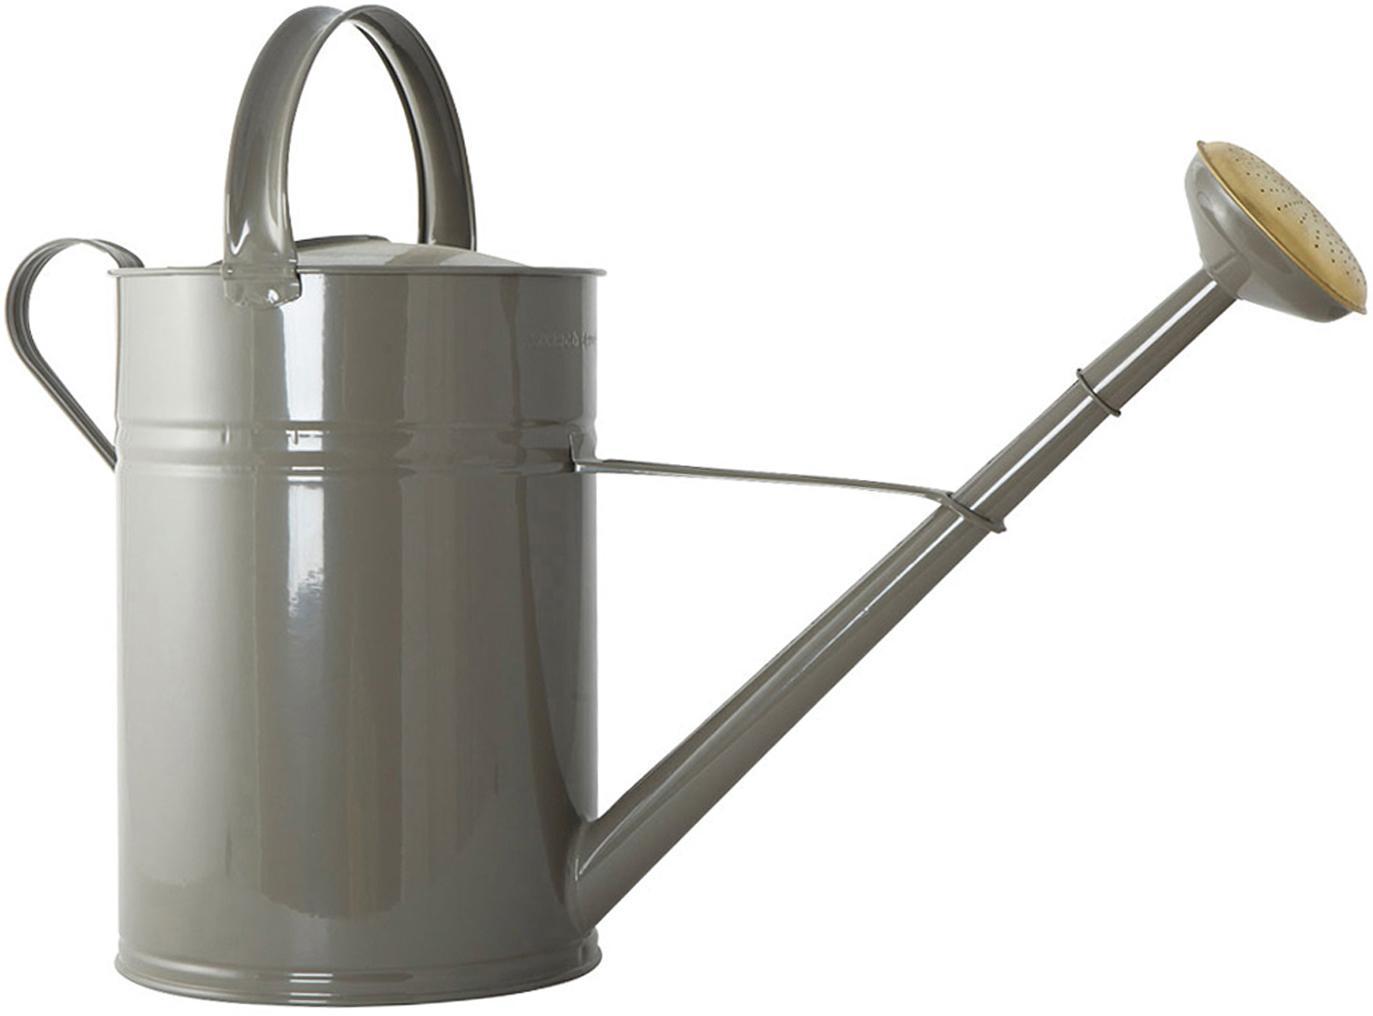 Gießkanne Nanny, Metall, lackiert, Grau, Messingfarben, 22 x 45 cm